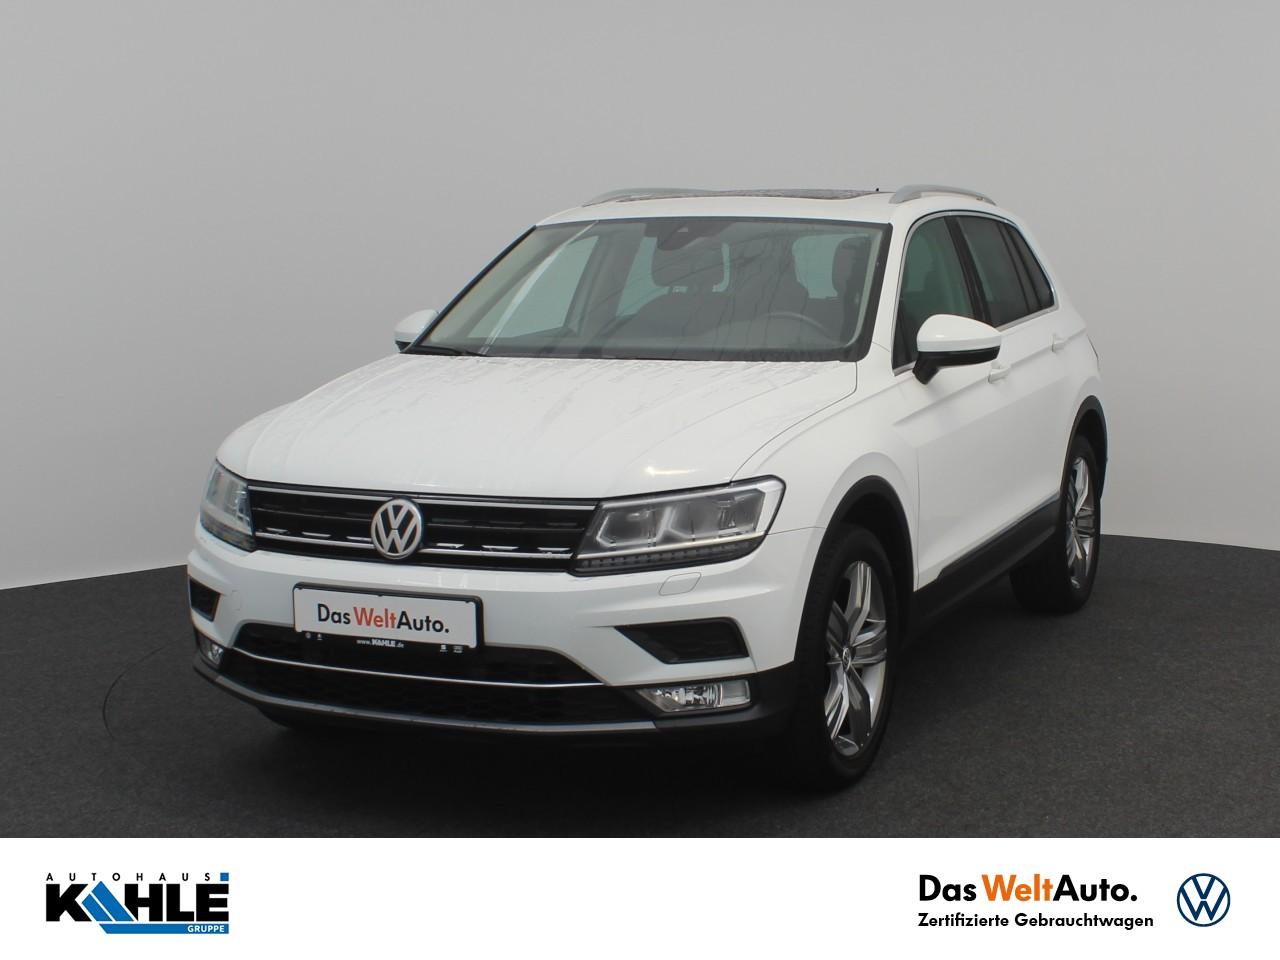 Volkswagen Tiguan 2.0 TDI DSG 4-Motion Highline Navi AHK Standheizung LED Klima, Jahr 2016, Diesel